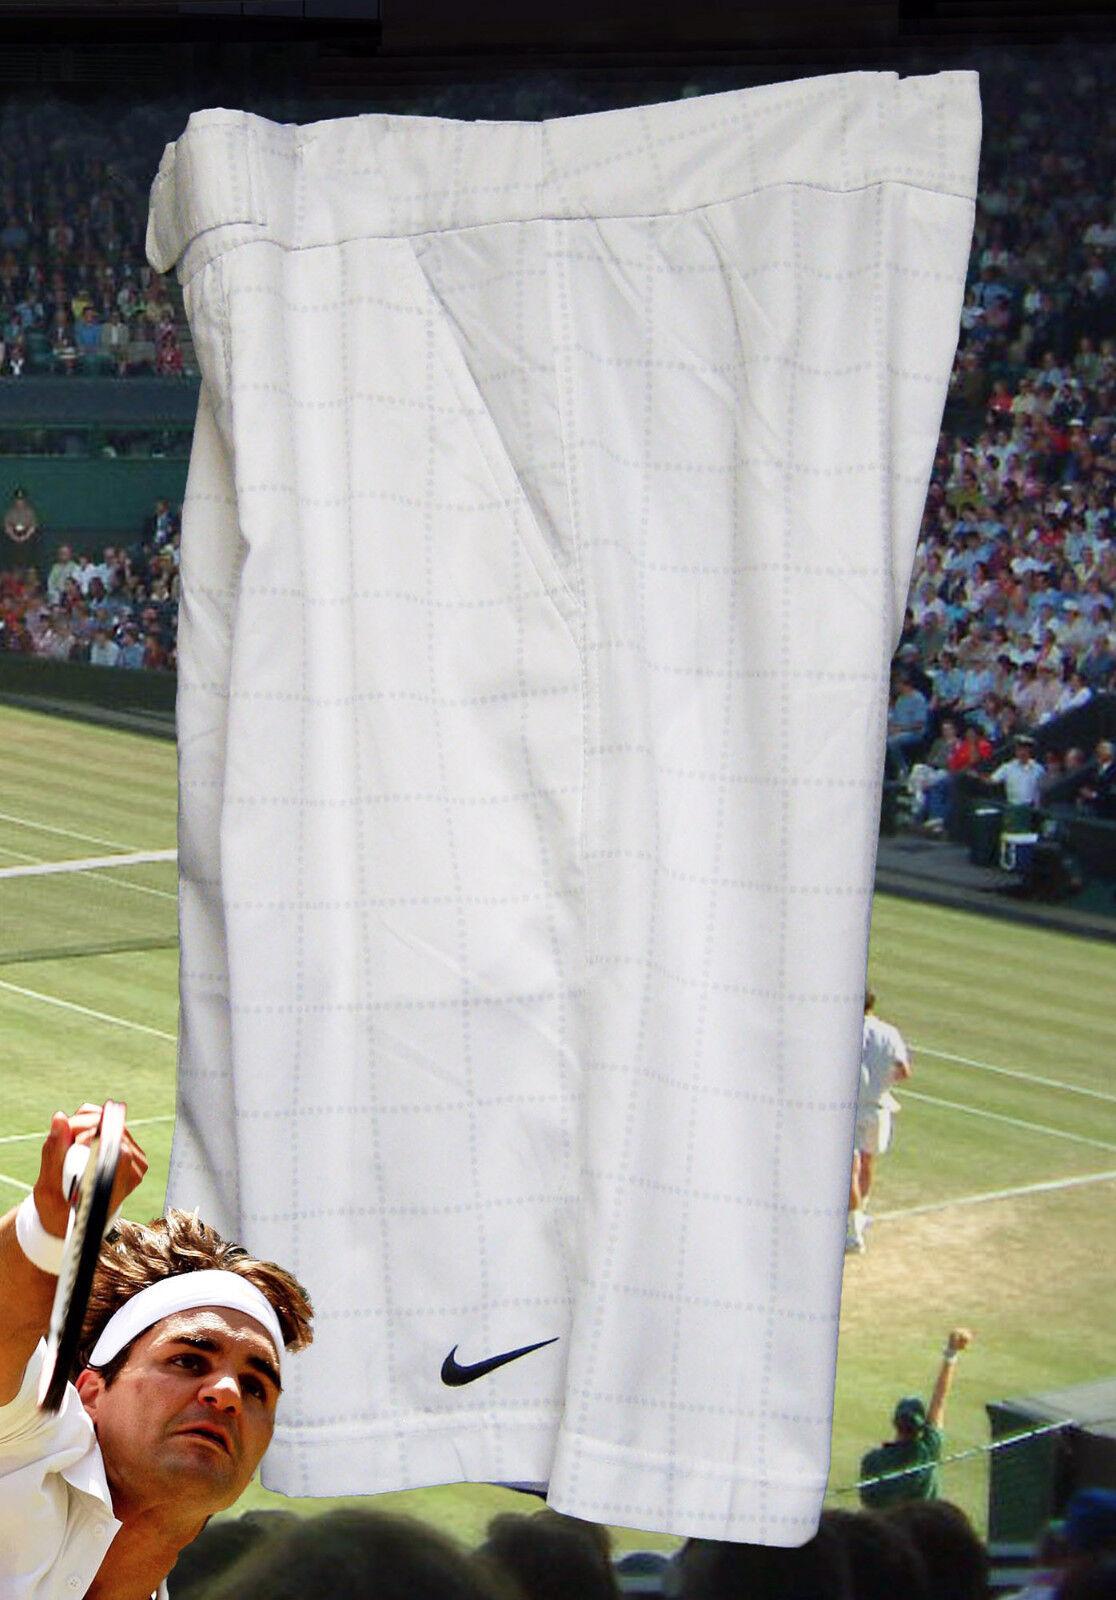 Nuevo Nike Hombre Premium Drifit Pantalones Tenis Grid Patrón blancoo  GRANDE L  Nuevos productos de artículos novedosos.